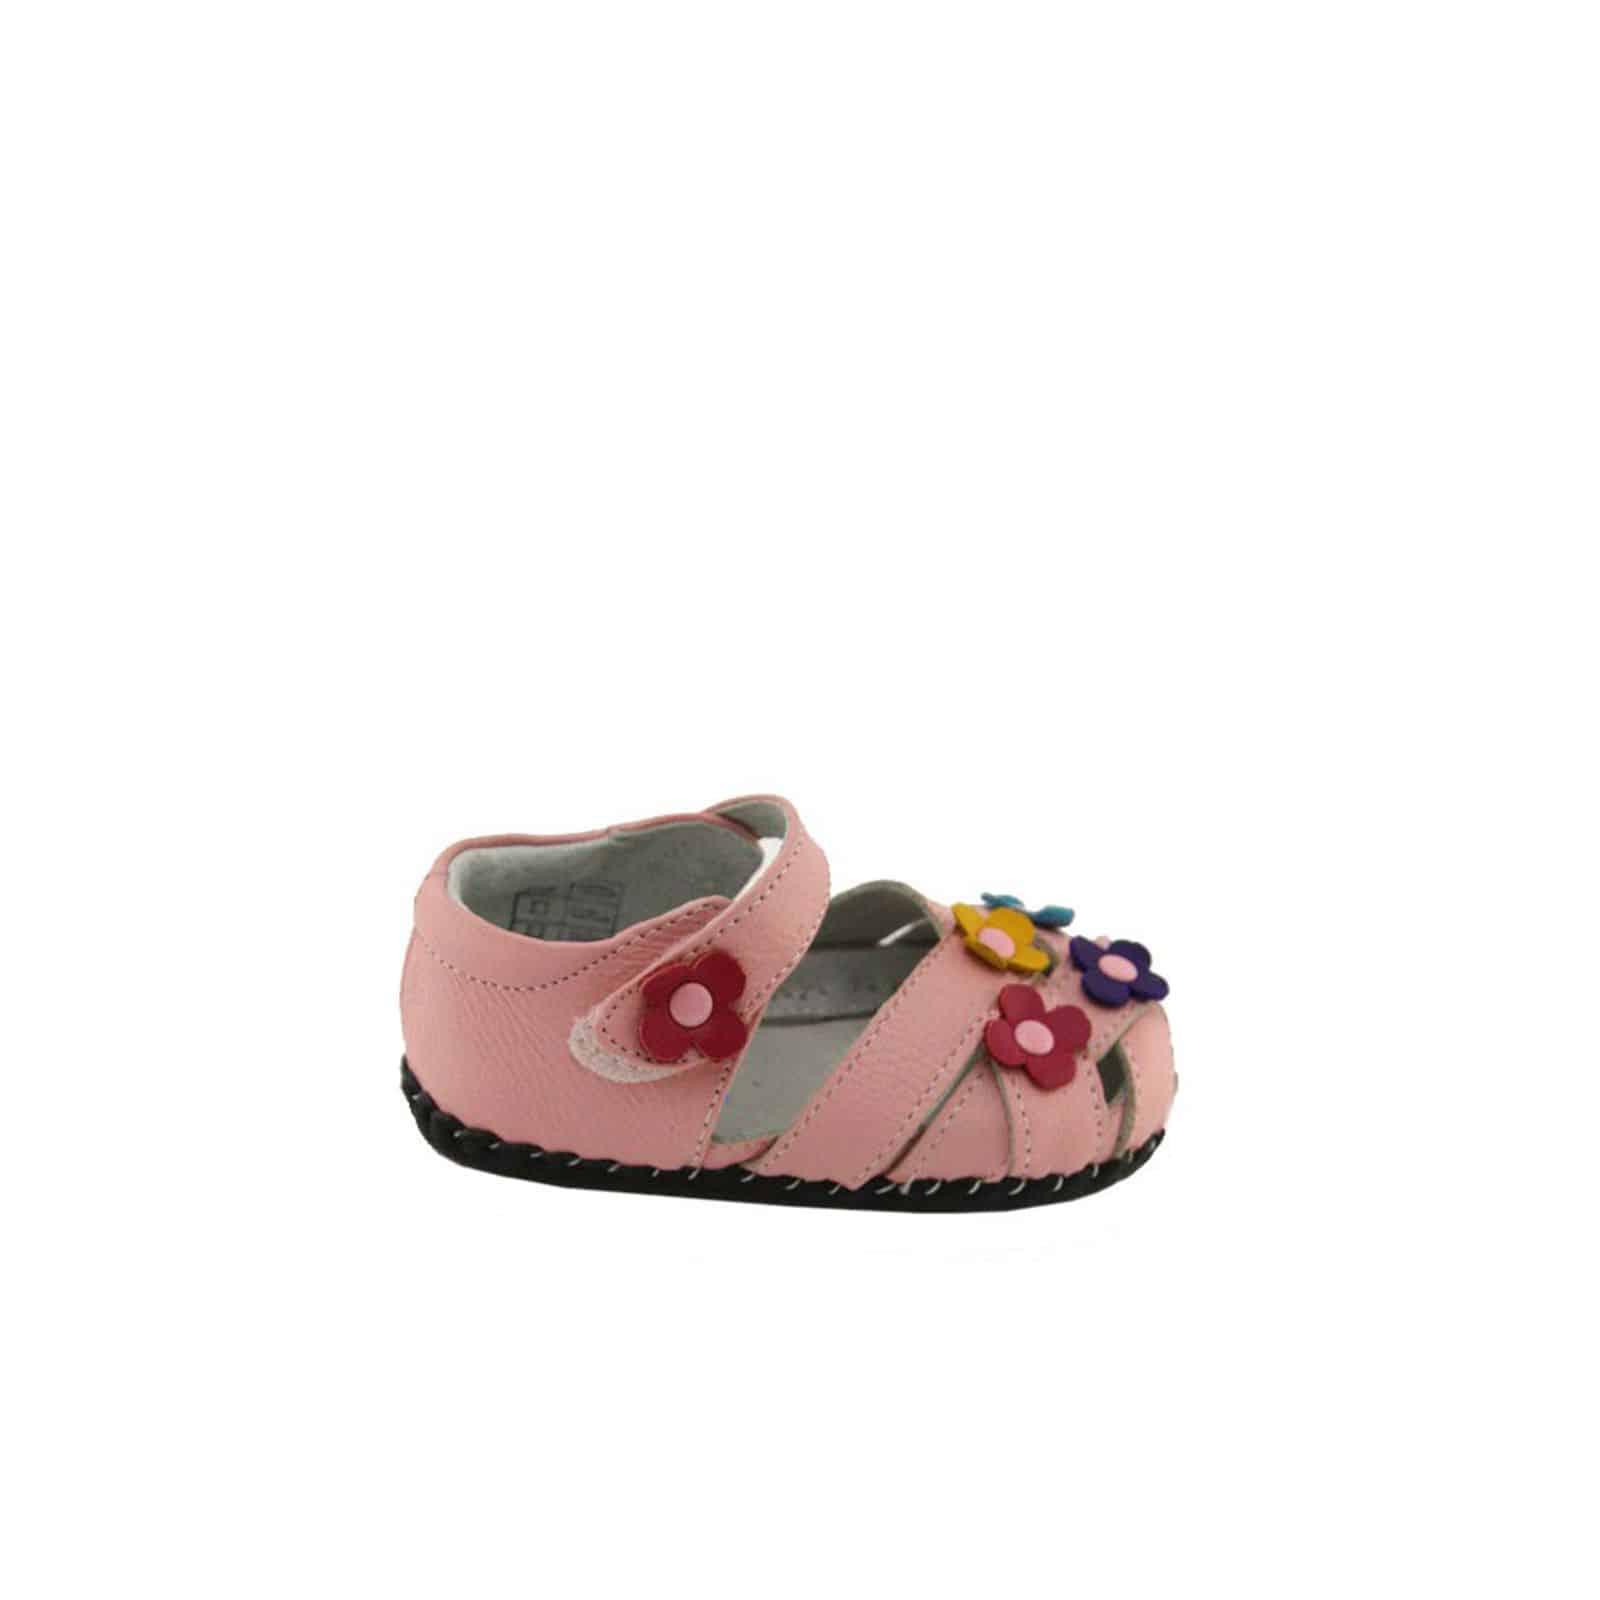 16b314719f543 Chaussures premiers pas cuir souple Sandales 3 fleurs